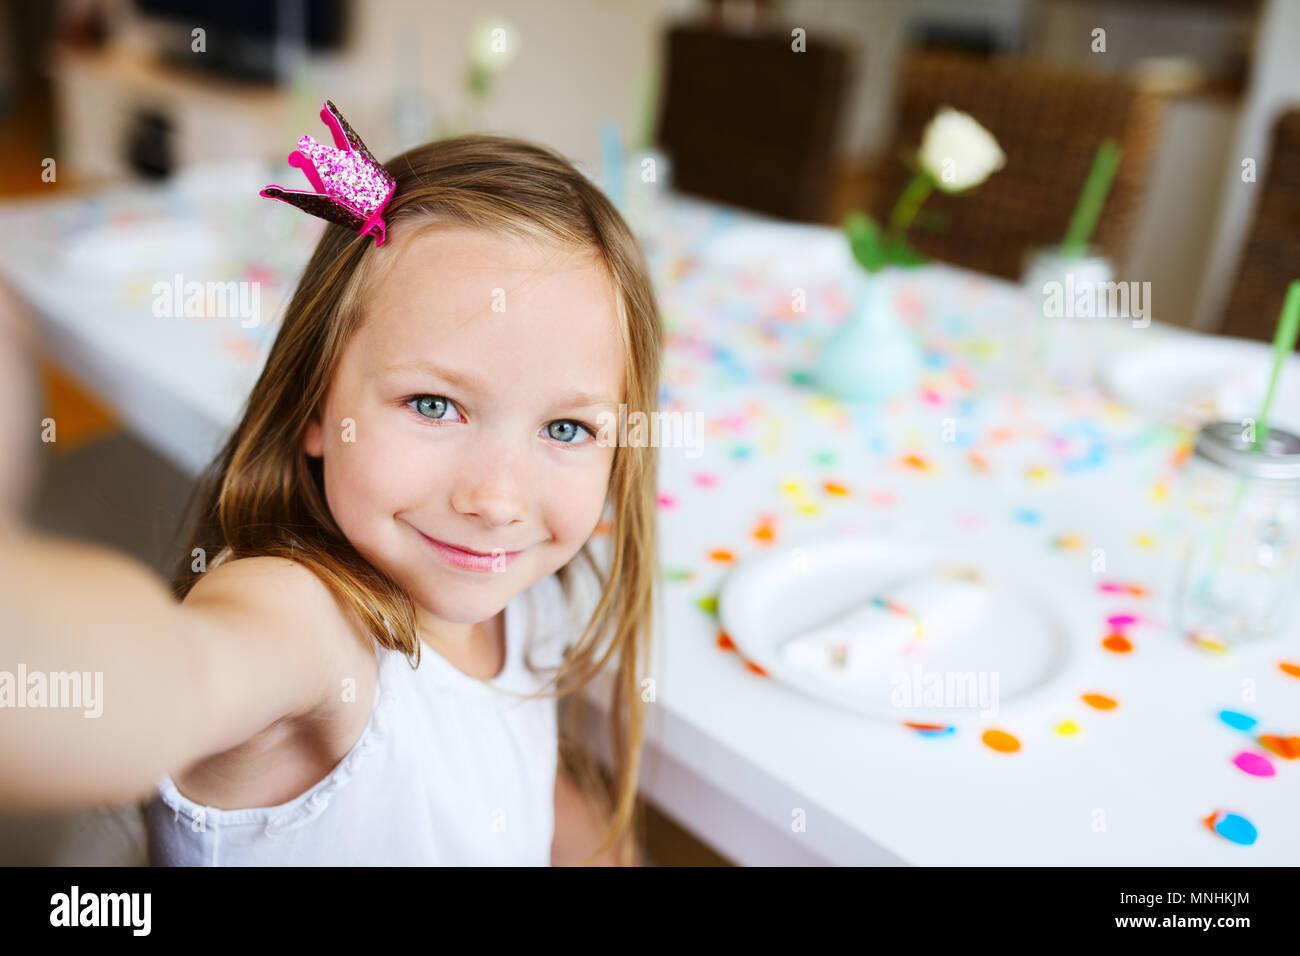 Adorable kleine Mädchen mit Prinzessin Krone bei Kindergeburtstag, selfie Stockbild